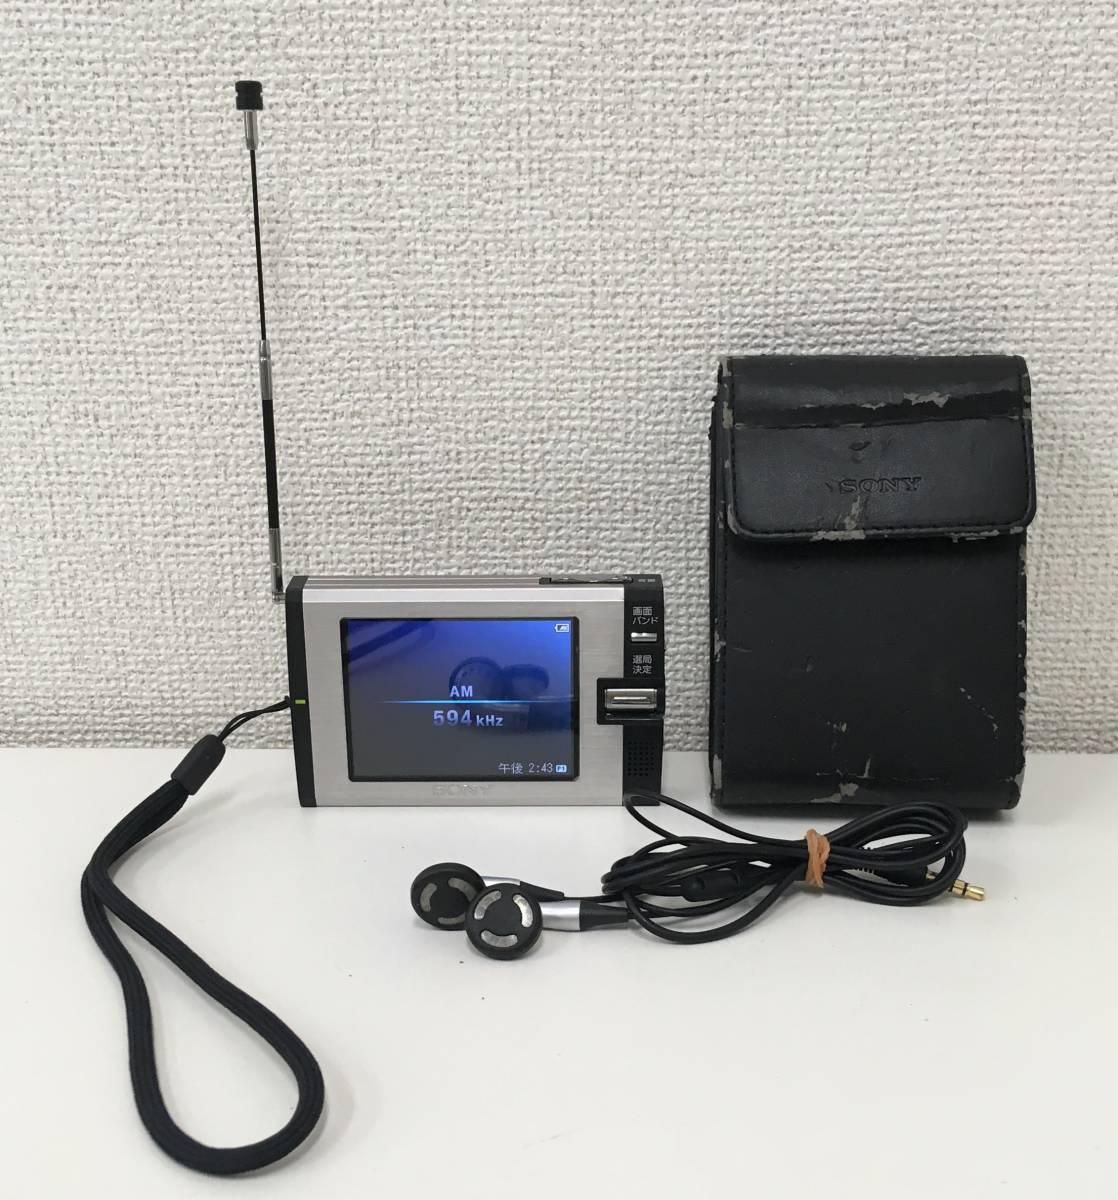 【SONY ワンセグ テレビ ラジオ XDV-100】ケース付/現状品/A5858